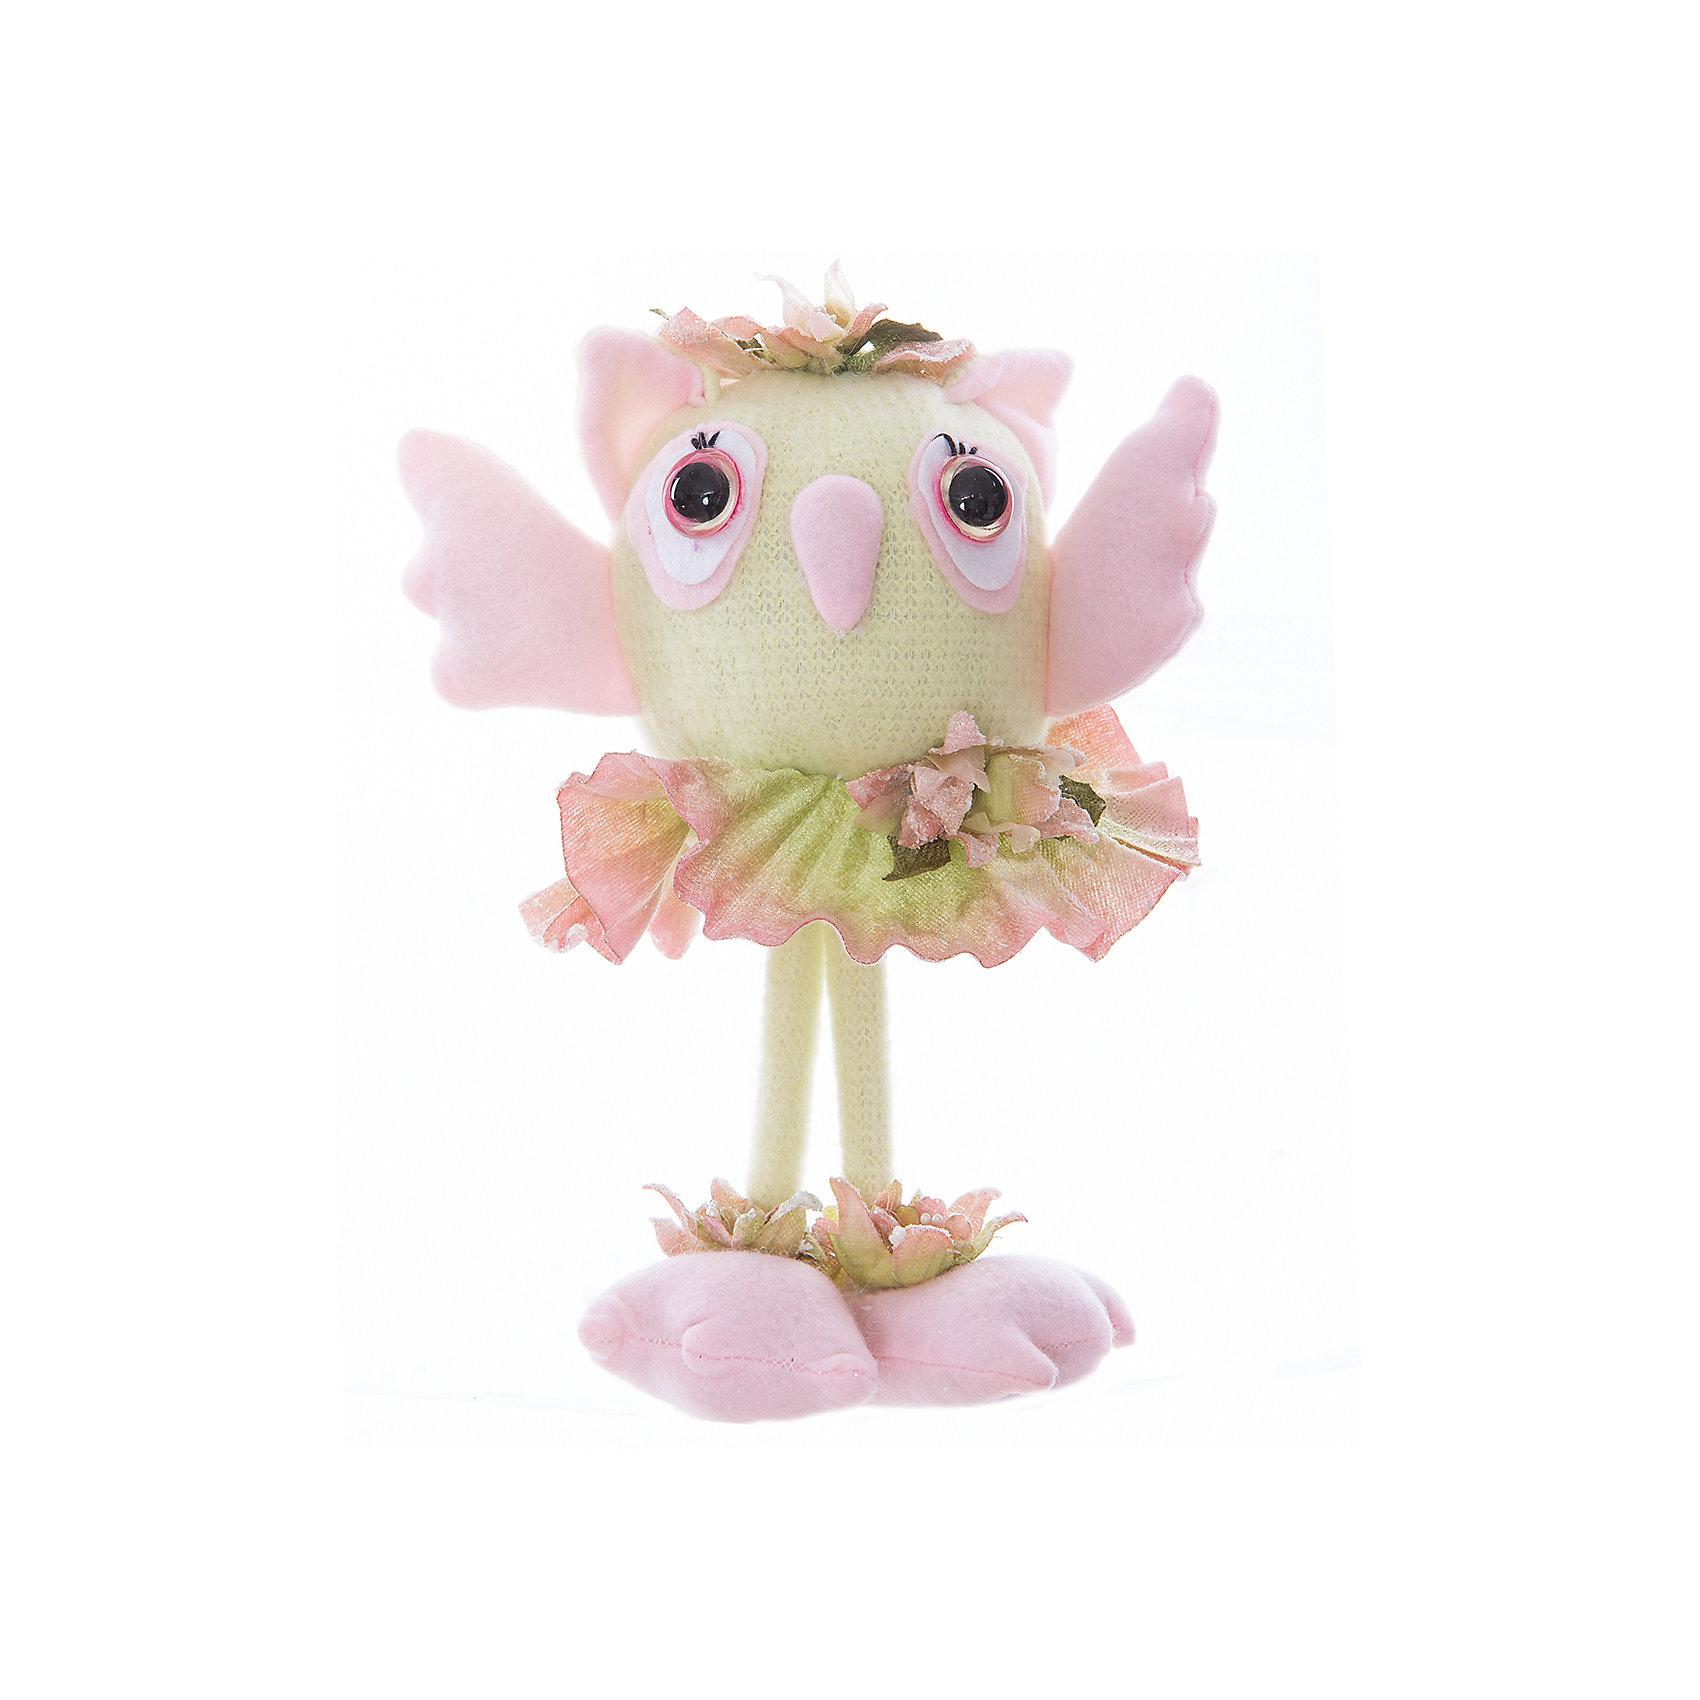 Интерьерная кукла Совушка C21-106029, EstroХарактеристики интерьерной куклы:<br><br>- размеры: 25*12*8 см. <br>- тип игрушки: животные, мягкая игрушка<br>- персонаж: сова<br>- вид упаковки: коробка<br>- возрастные ограничения: 3+<br>- комплектация: игрушка <br>- состав: полиэстер, полиэфир<br>- материал изготовления: высококачественный пластик, полиэстер, ткань<br>- стиль: классический, прованс<br>- бренд: Estro <br>- страна бренда: Италия<br>- страна производитель: Китай<br><br><br>В последние годы интерьерные куклы пользуются немалой популярностью, однако не стоит думать, что это изобретение исключительного нашего века. Настоящий бум в украшении интерьеров куклами пришелся на XVIII-ХIX века. Однако в ХХ веке эта традиция постепенно сошла на нет. Великолепная модель от торговой марки Estro салатовая сова выполнена с потрясающей детализацией и смотрится невероятно стильно. <br><br>Интерьерную куклу сова итальянской торговой марки Estro можно купить в нашем интернет-магазине.<br><br>Ширина мм: 100<br>Глубина мм: 100<br>Высота мм: 250<br>Вес г: 193<br>Возраст от месяцев: 36<br>Возраст до месяцев: 1188<br>Пол: Женский<br>Возраст: Детский<br>SKU: 5356623